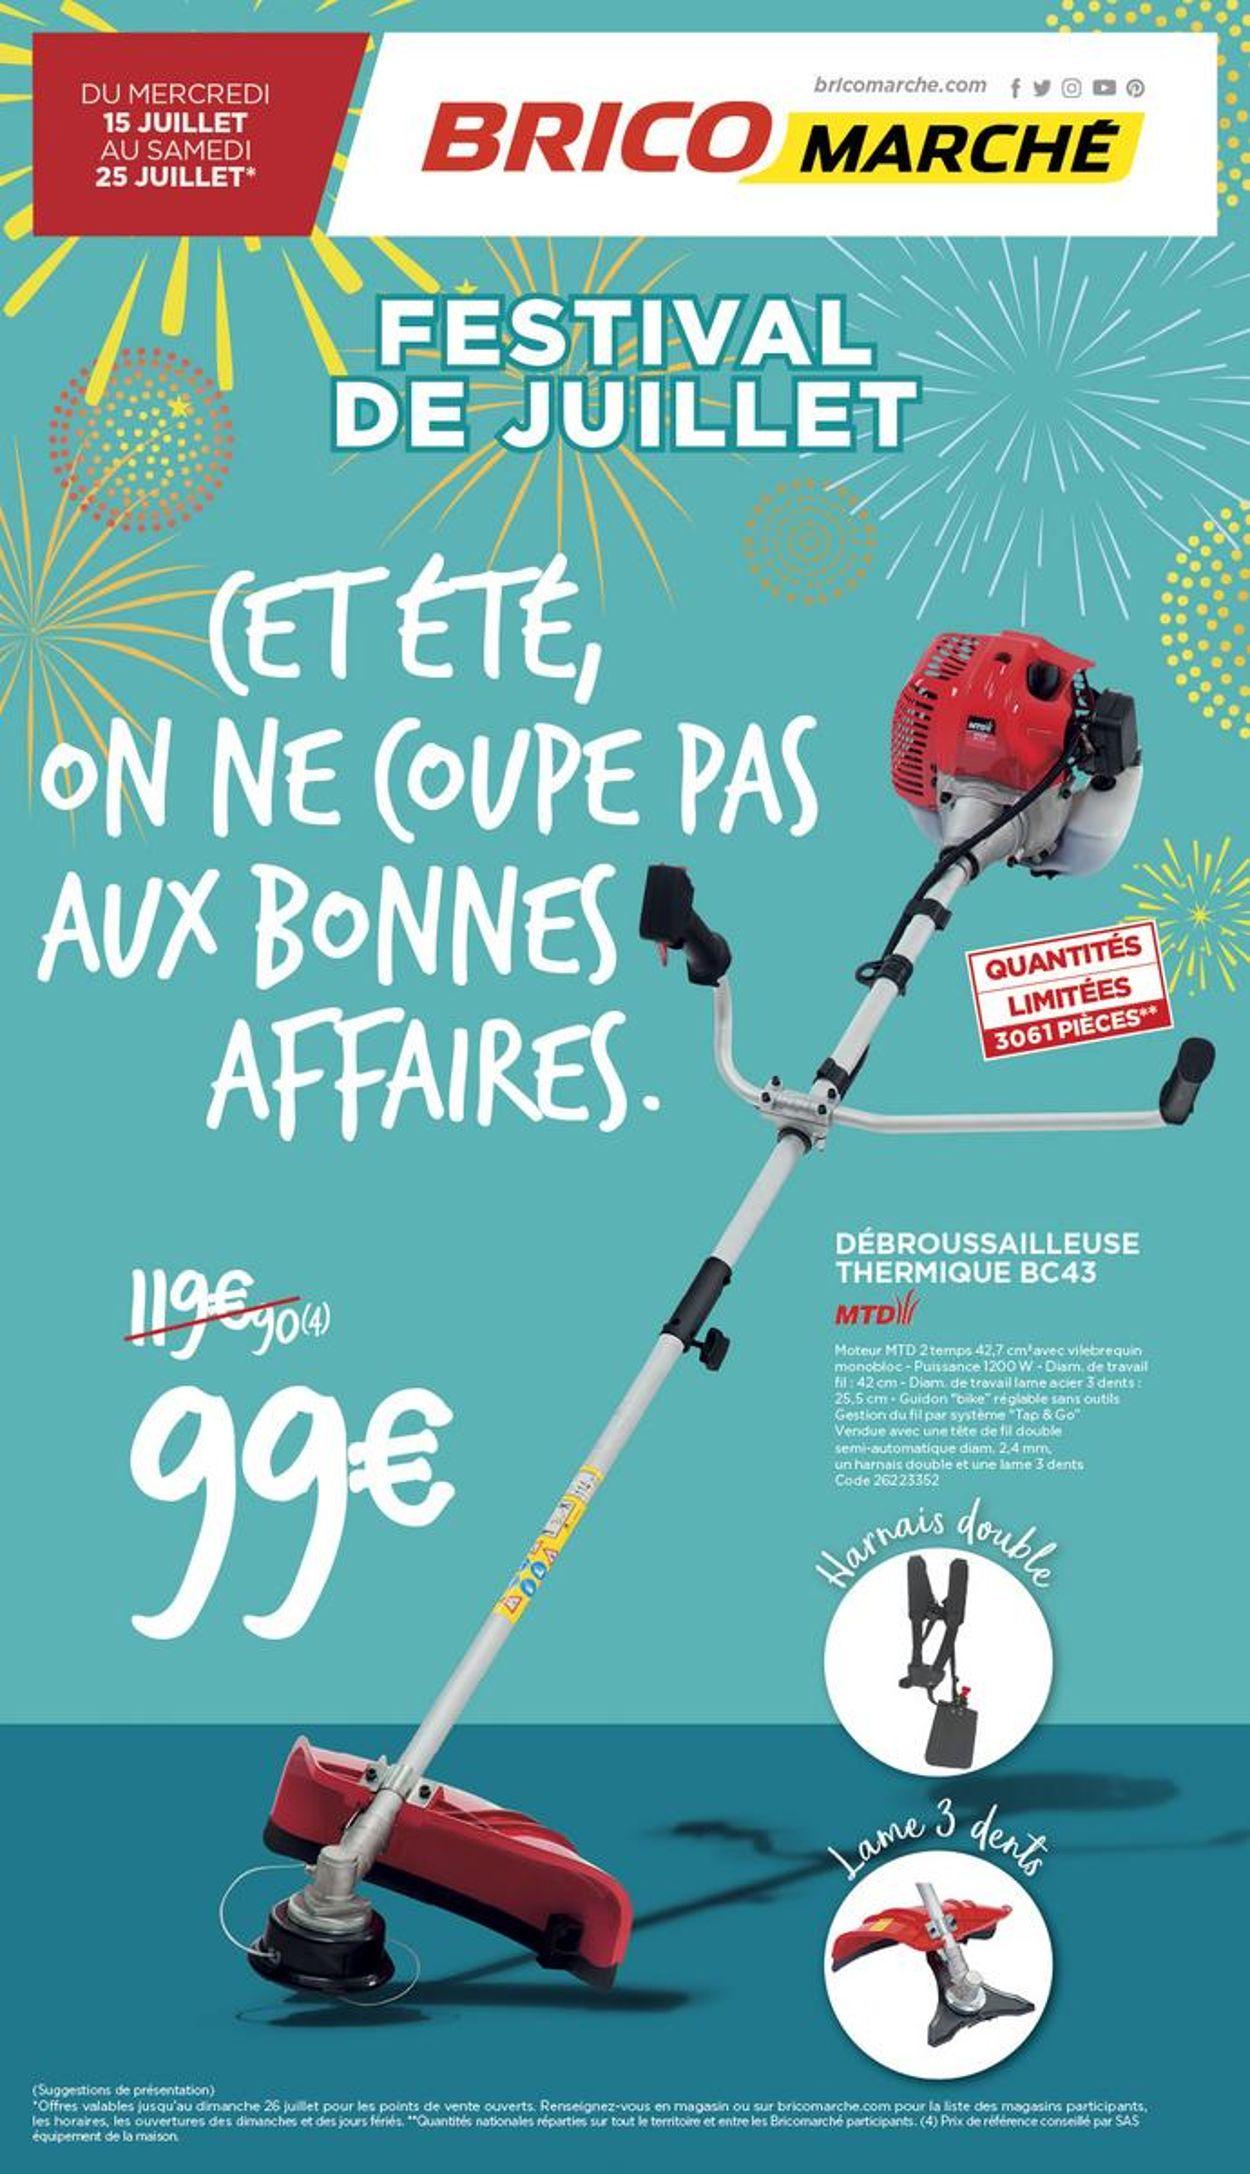 Bricomarché Catalogue - 15.07-25.07.2020